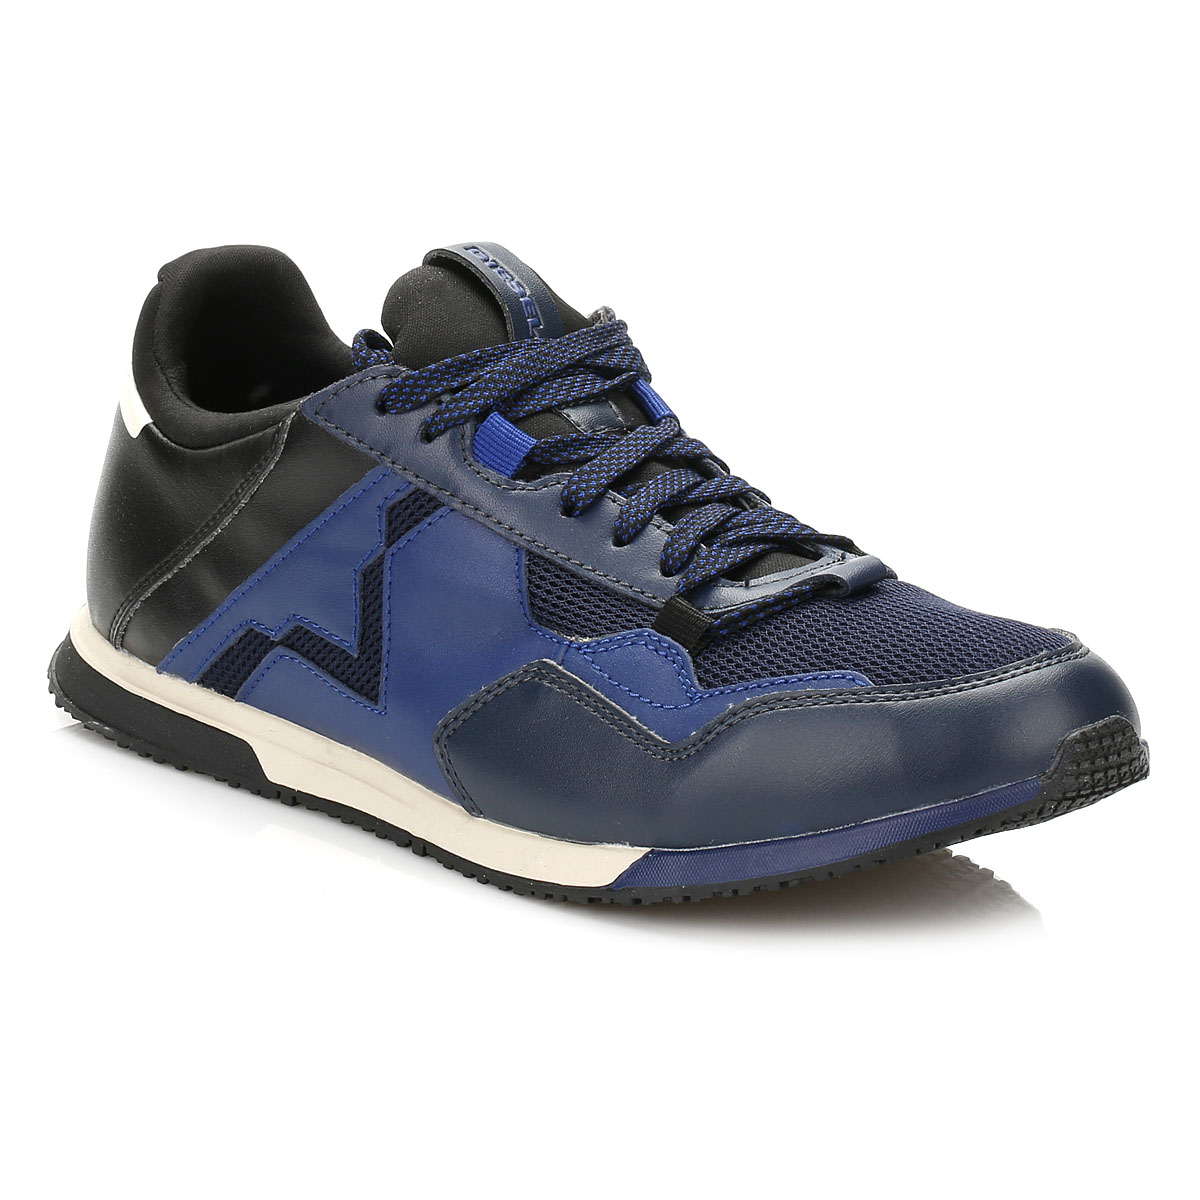 Ebay Uk Diesel Shoes